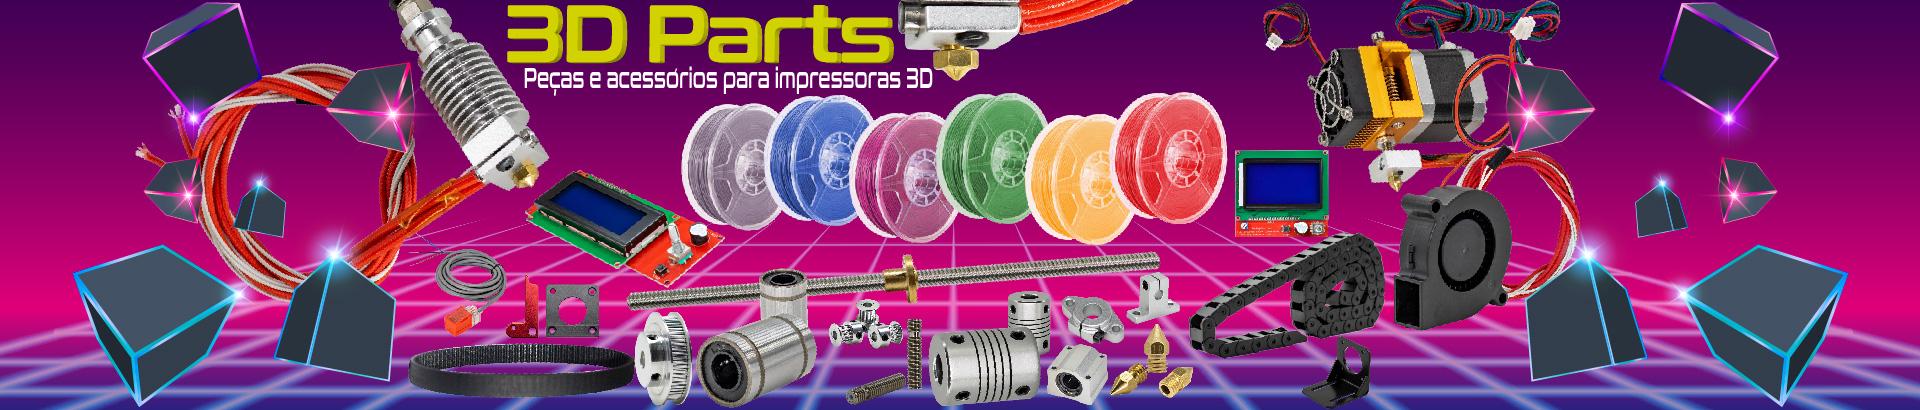 3D Parts Categoria